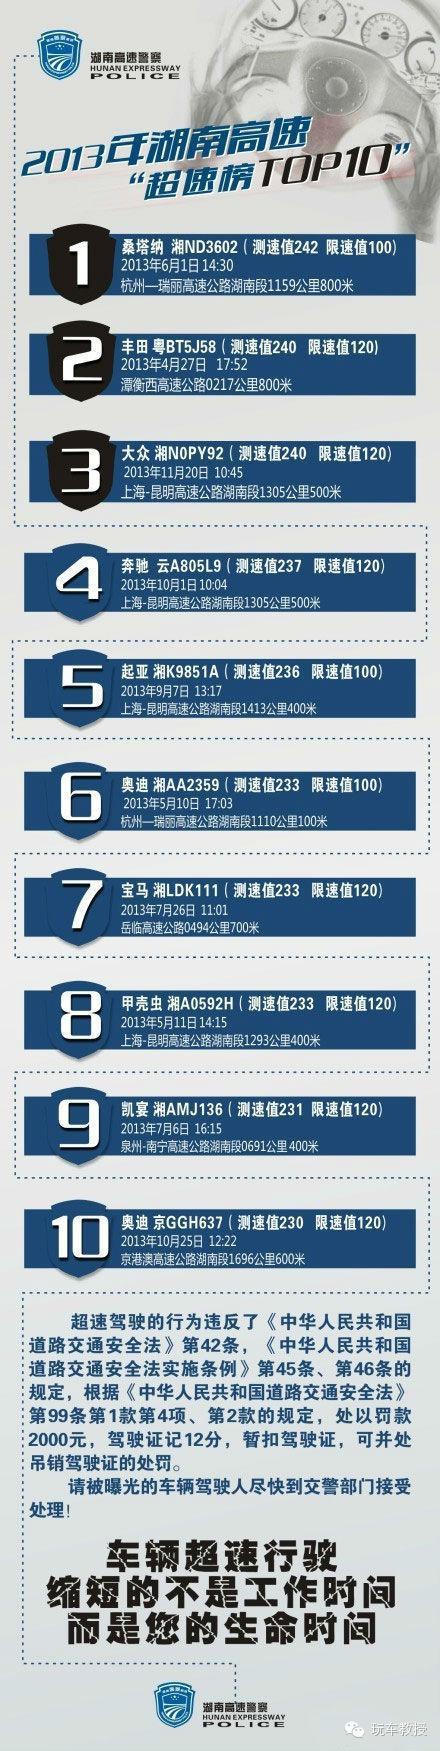 湖南2013年超速前十 10万242Km荣获冠军